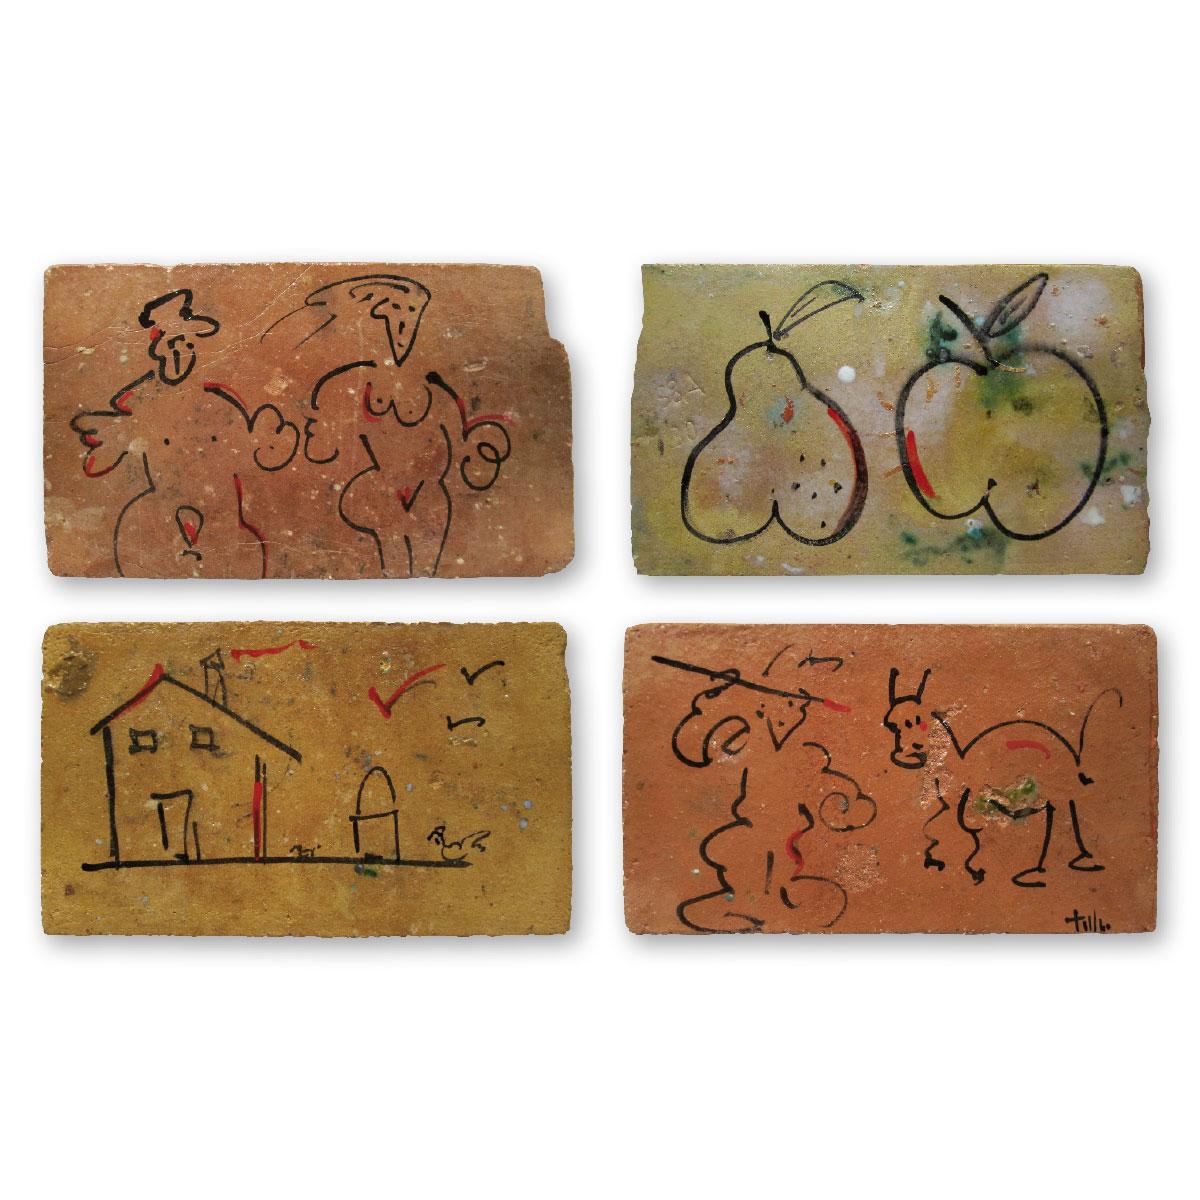 L'opera dell'artista Tullio Mazzotti acquisita dal Museo a cielo aperto di Denice, dedicato alla ceramica contemporanea